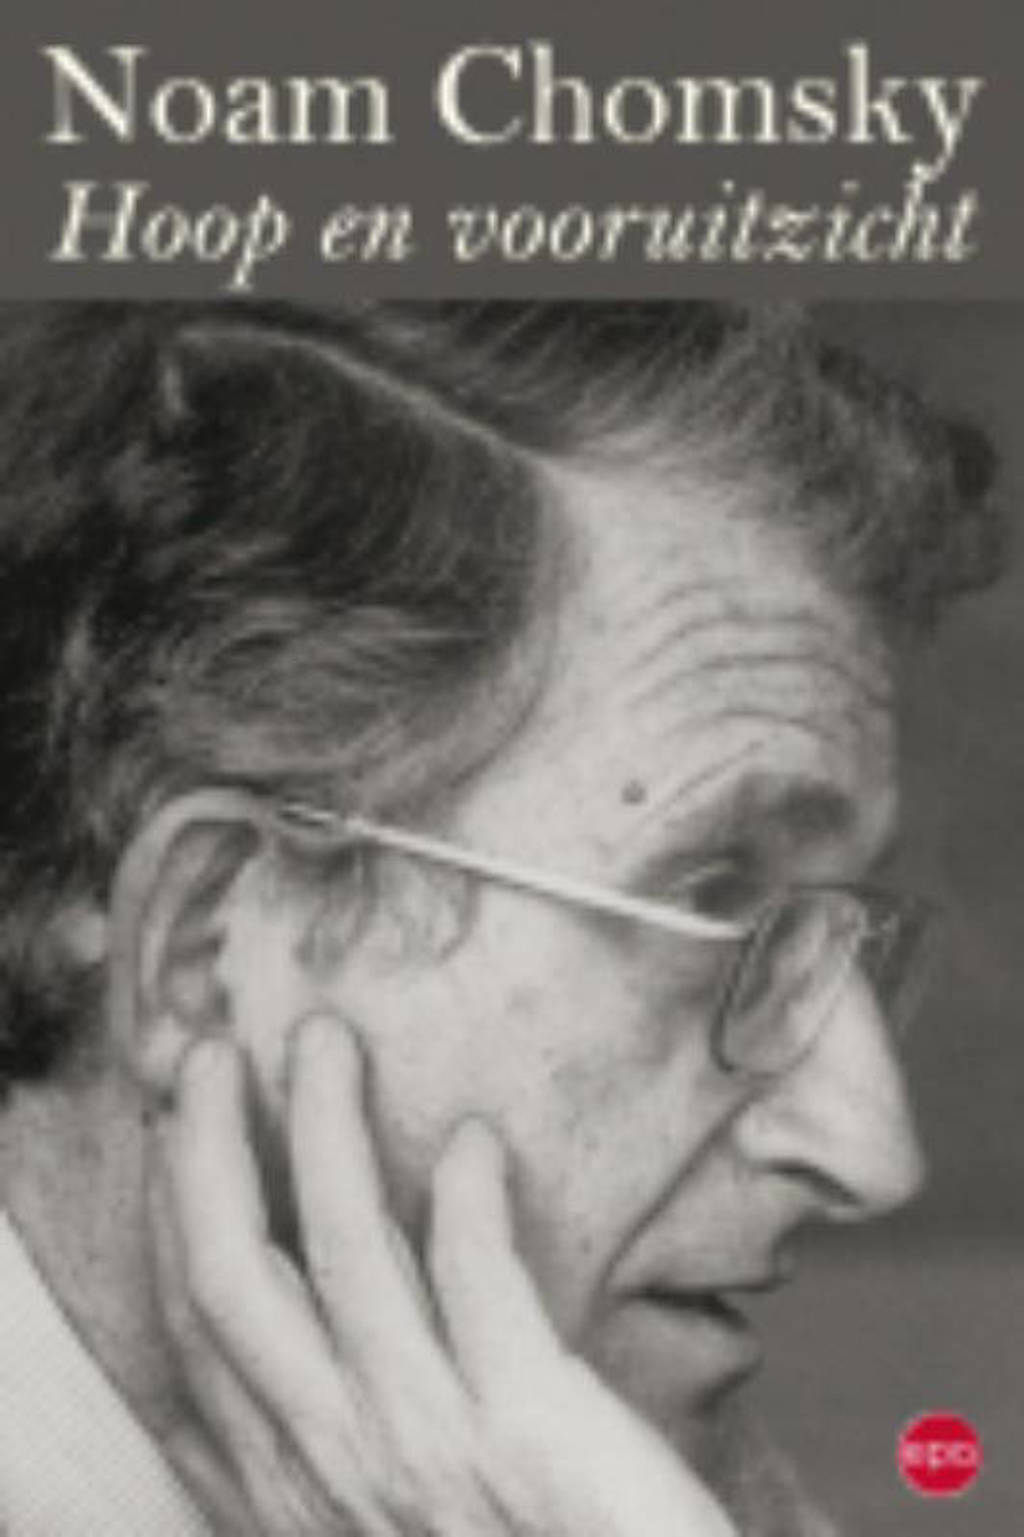 Hoop en toekomst - Noam Chomsky